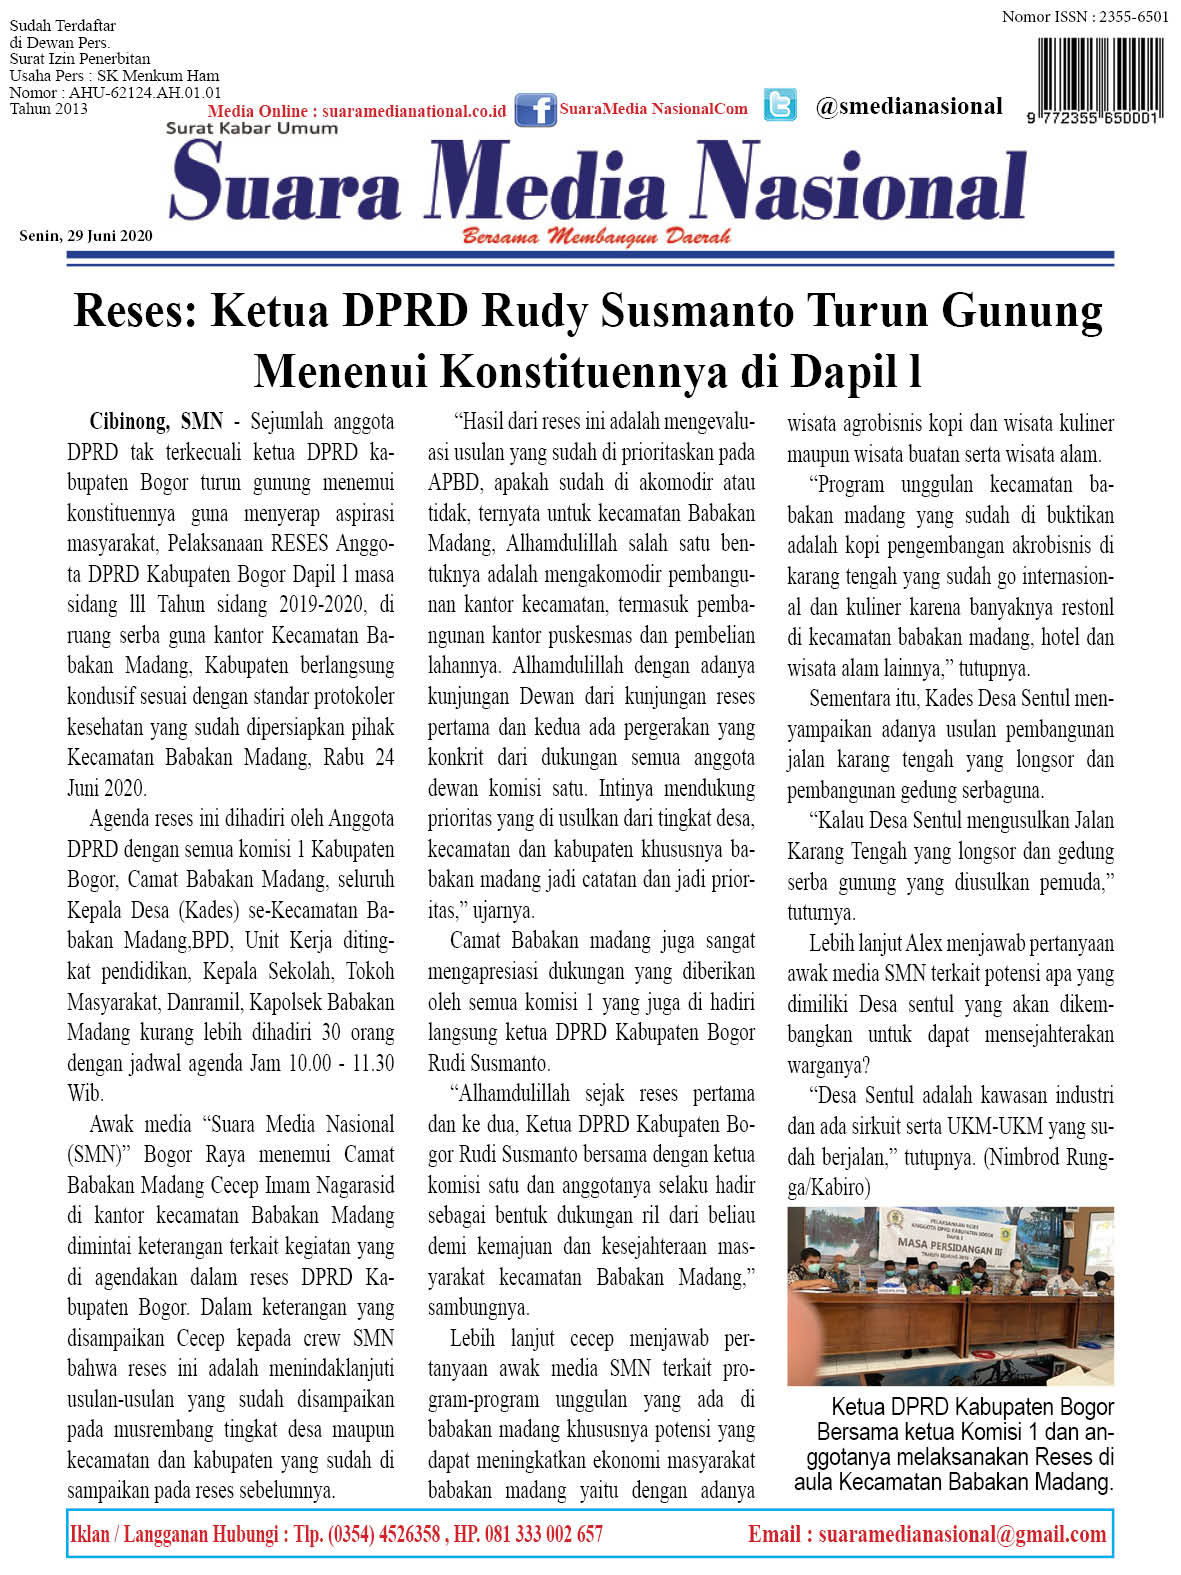 Reses: Ketua DPRD Rudy Susmanto Turun Gunung Menemui Konstituennya di Dapil l